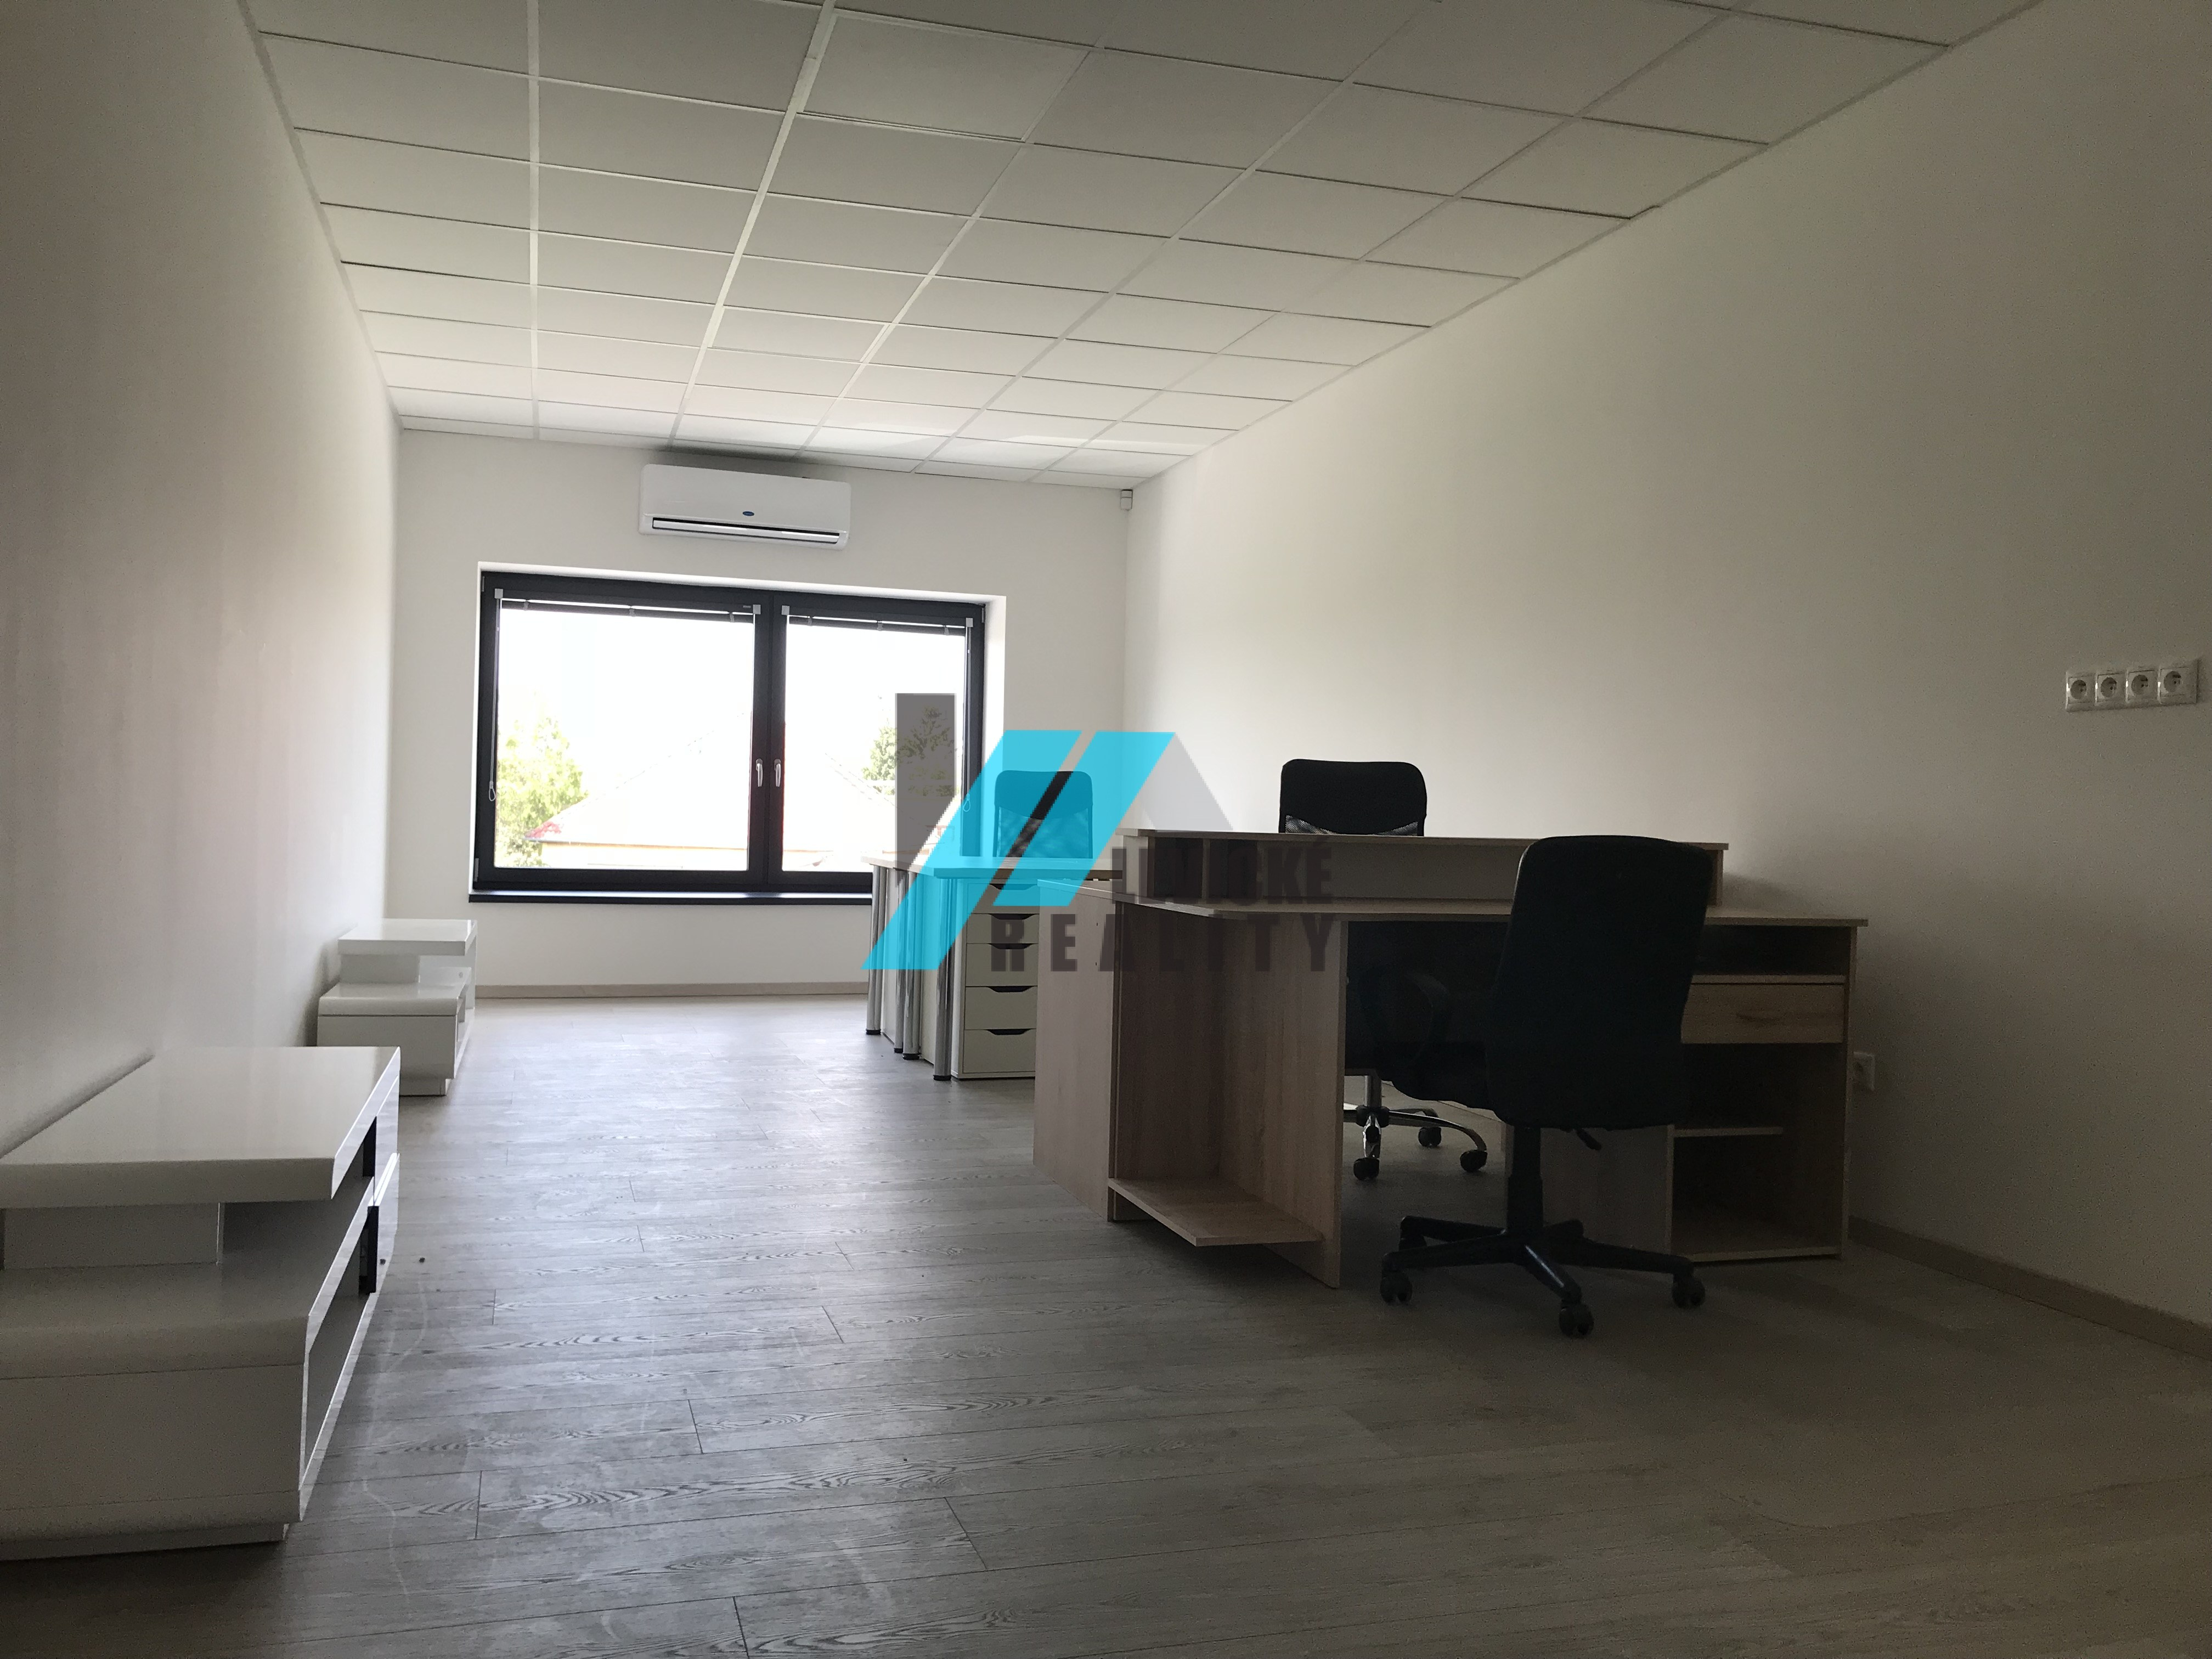 Ponúkam do prenájmu krásne, nové, vybavené kancelárske priestory.